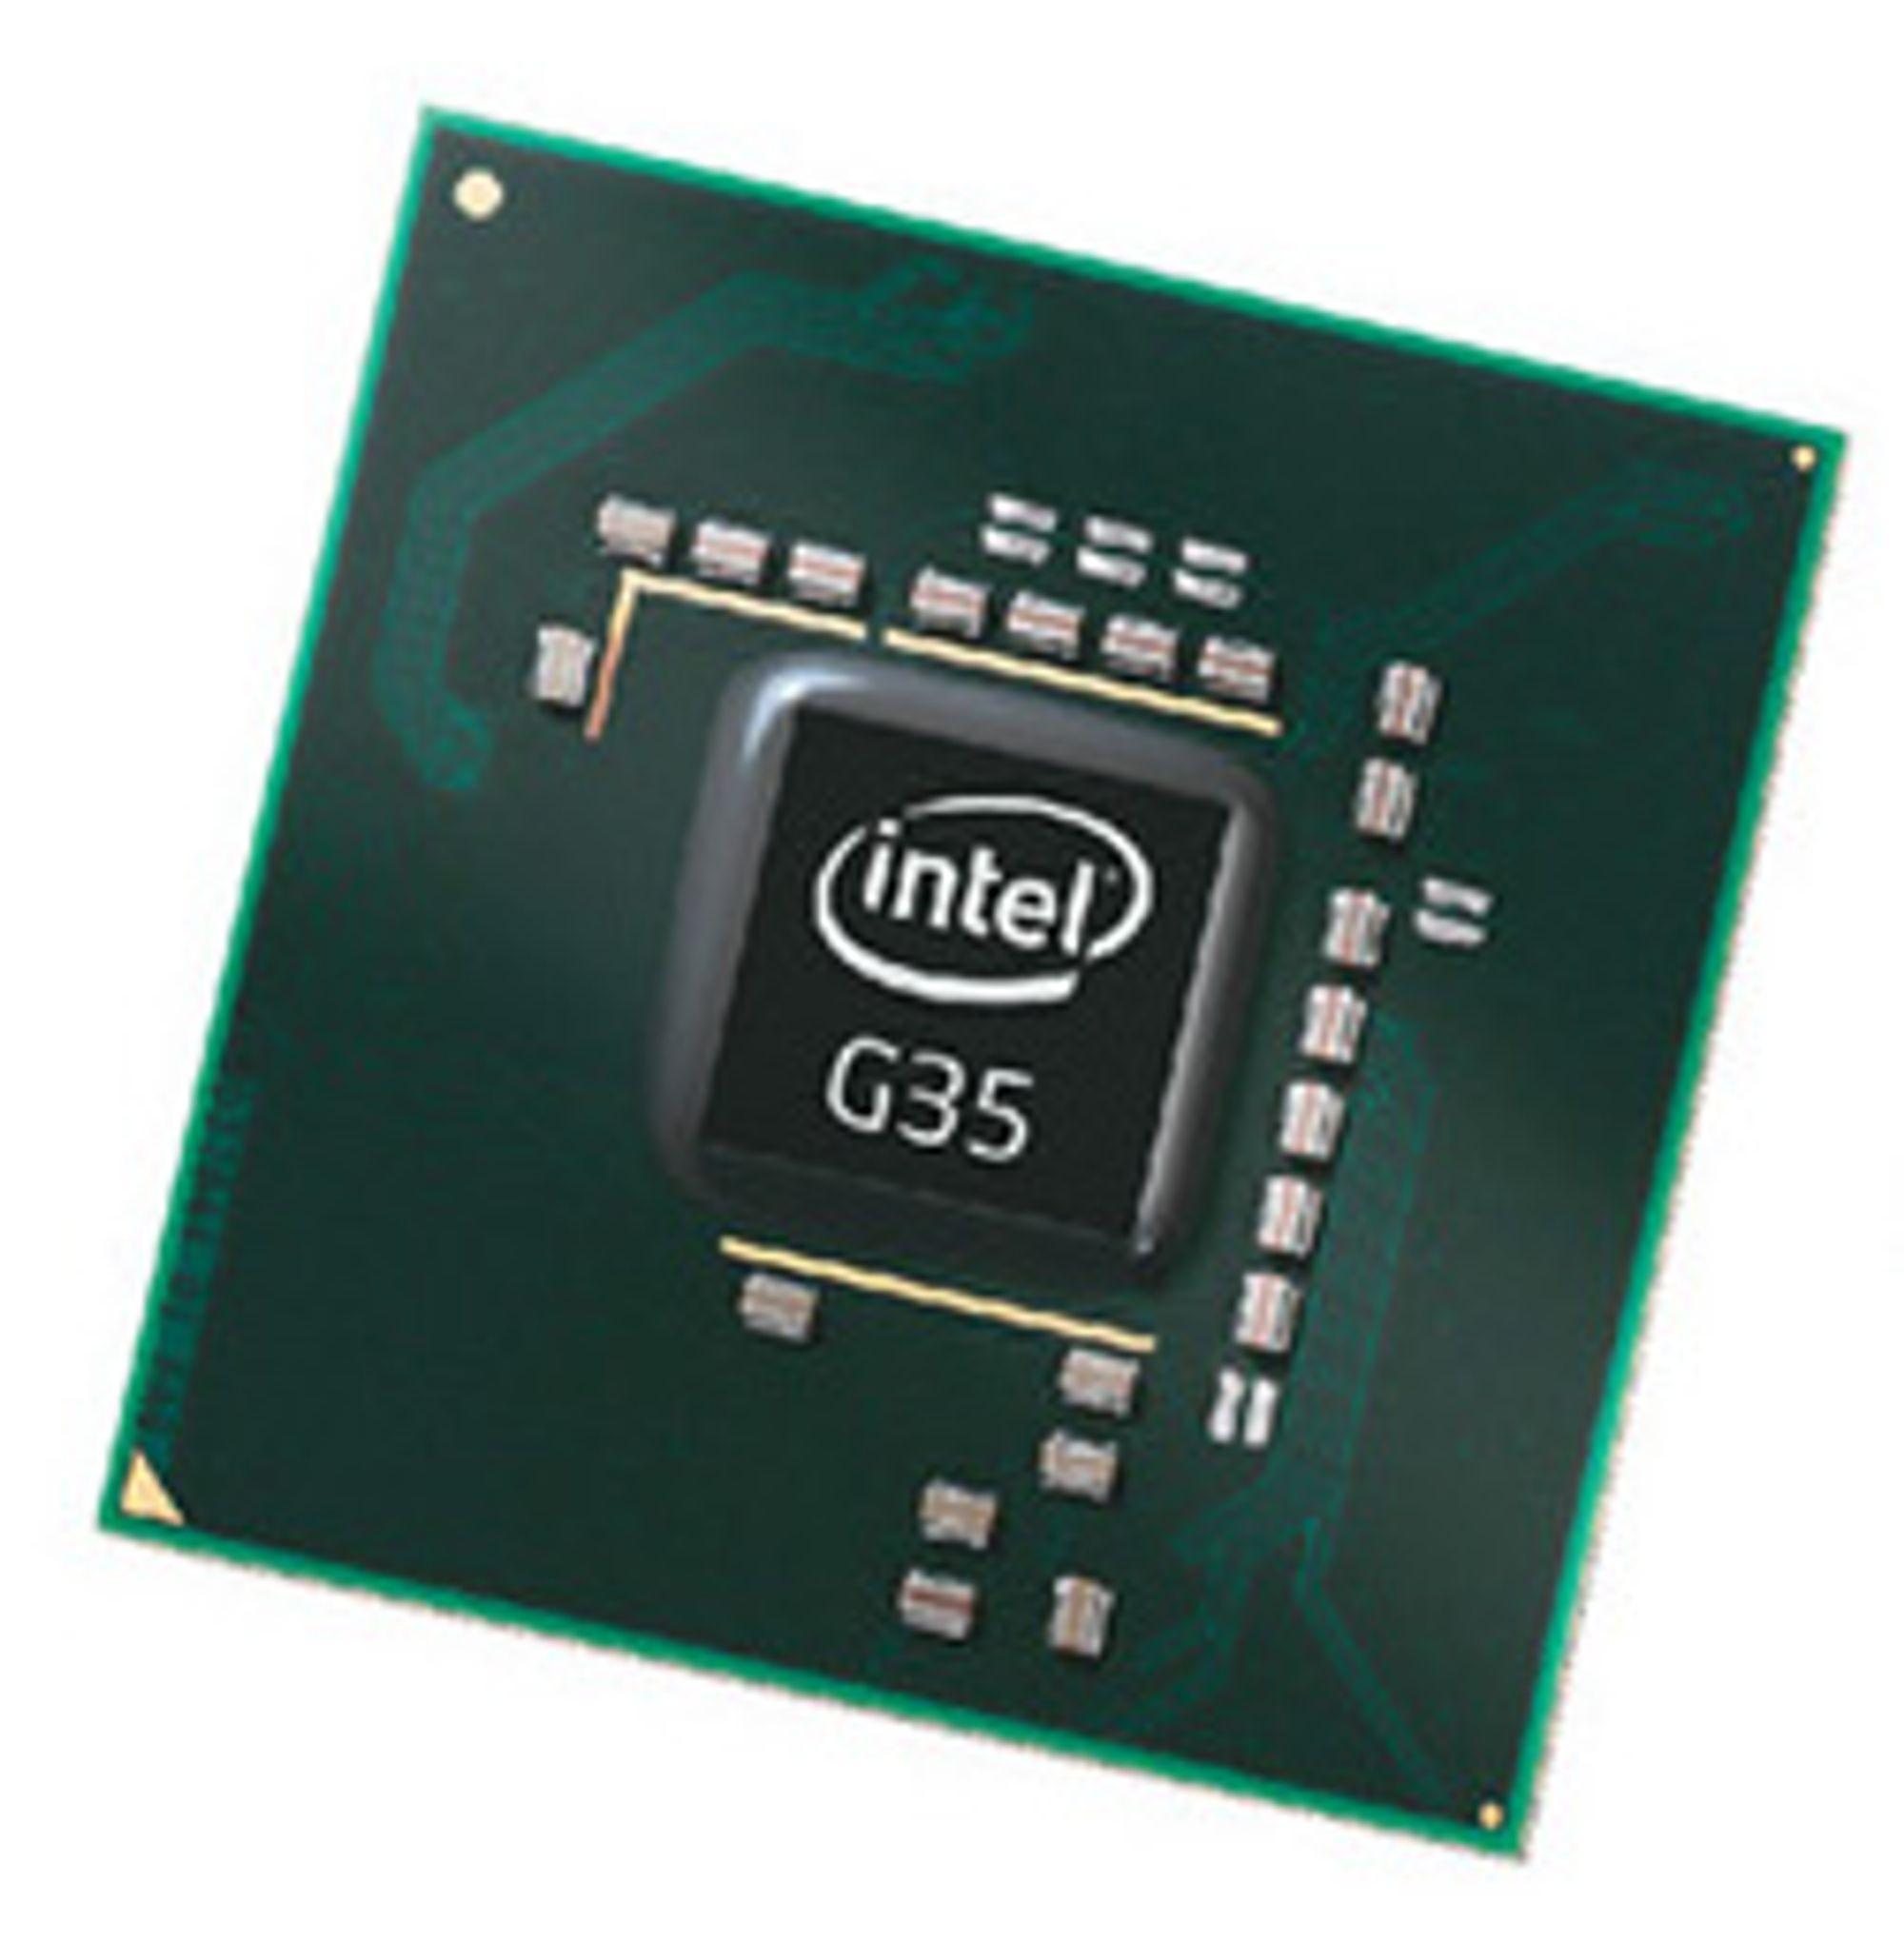 Directx 10 til Intels integrerte grafikkløsninger.